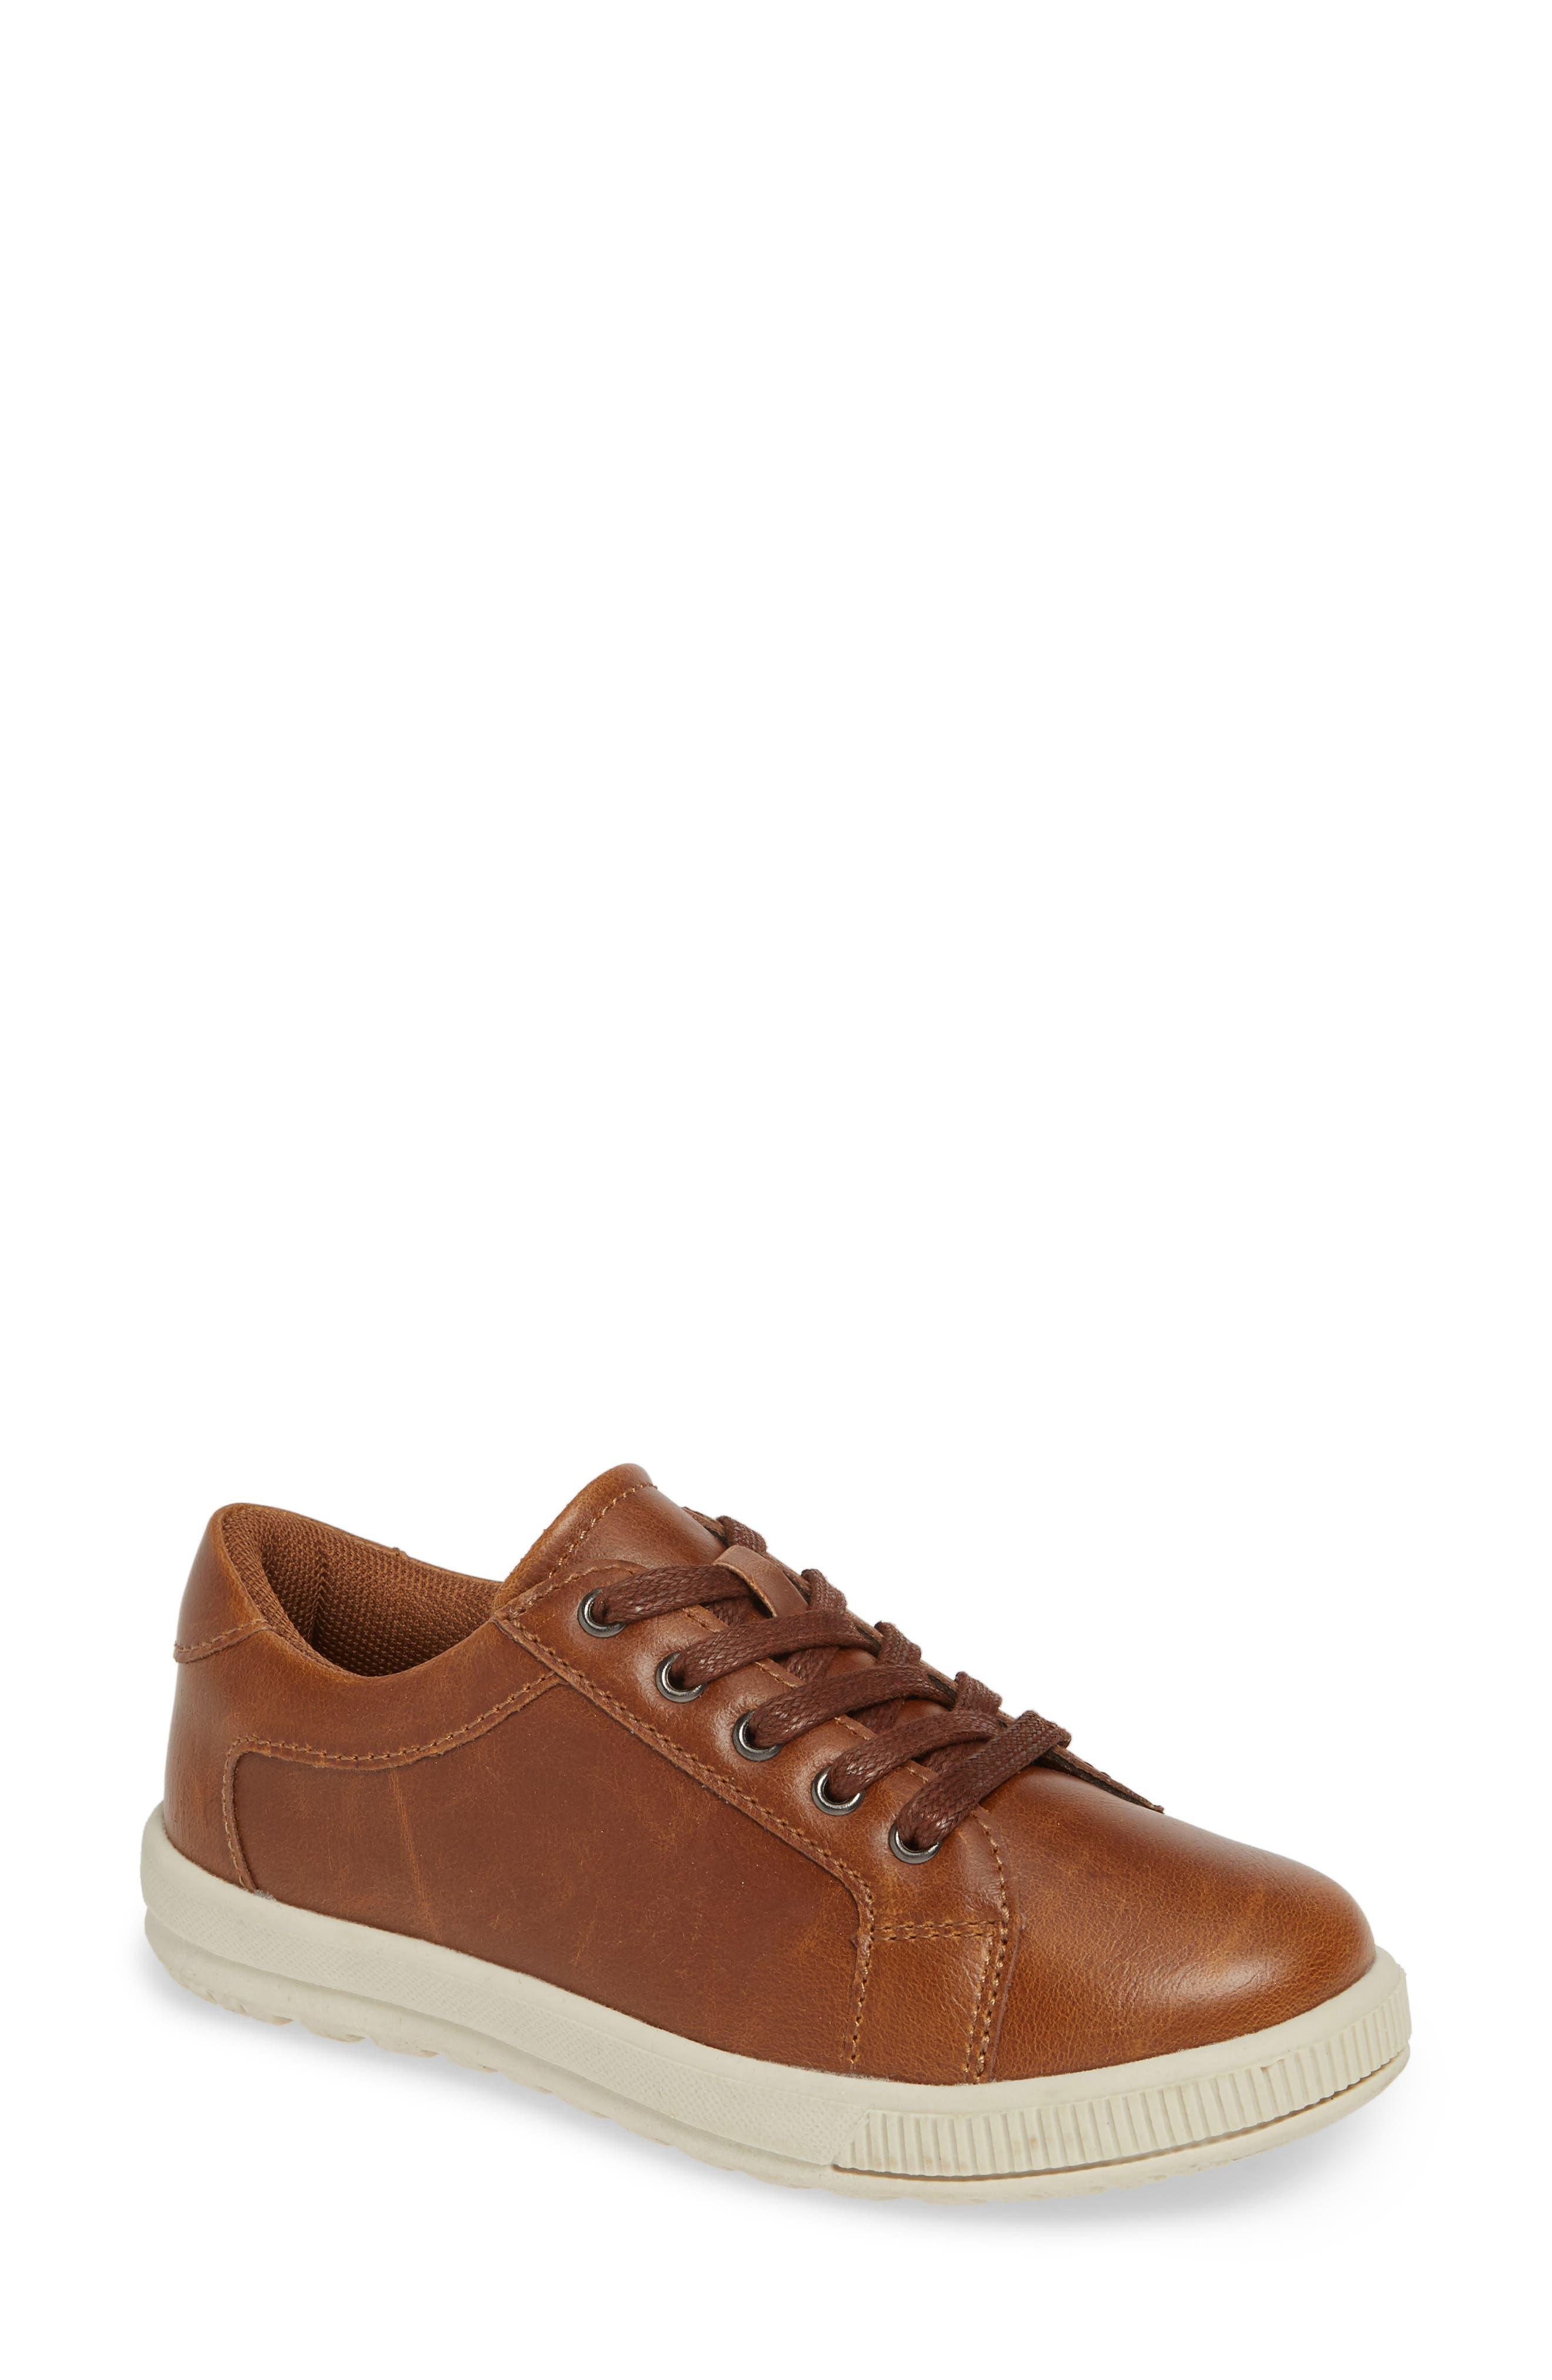 Boys 1901 Ethan Sneaker Size 4 M  Brown